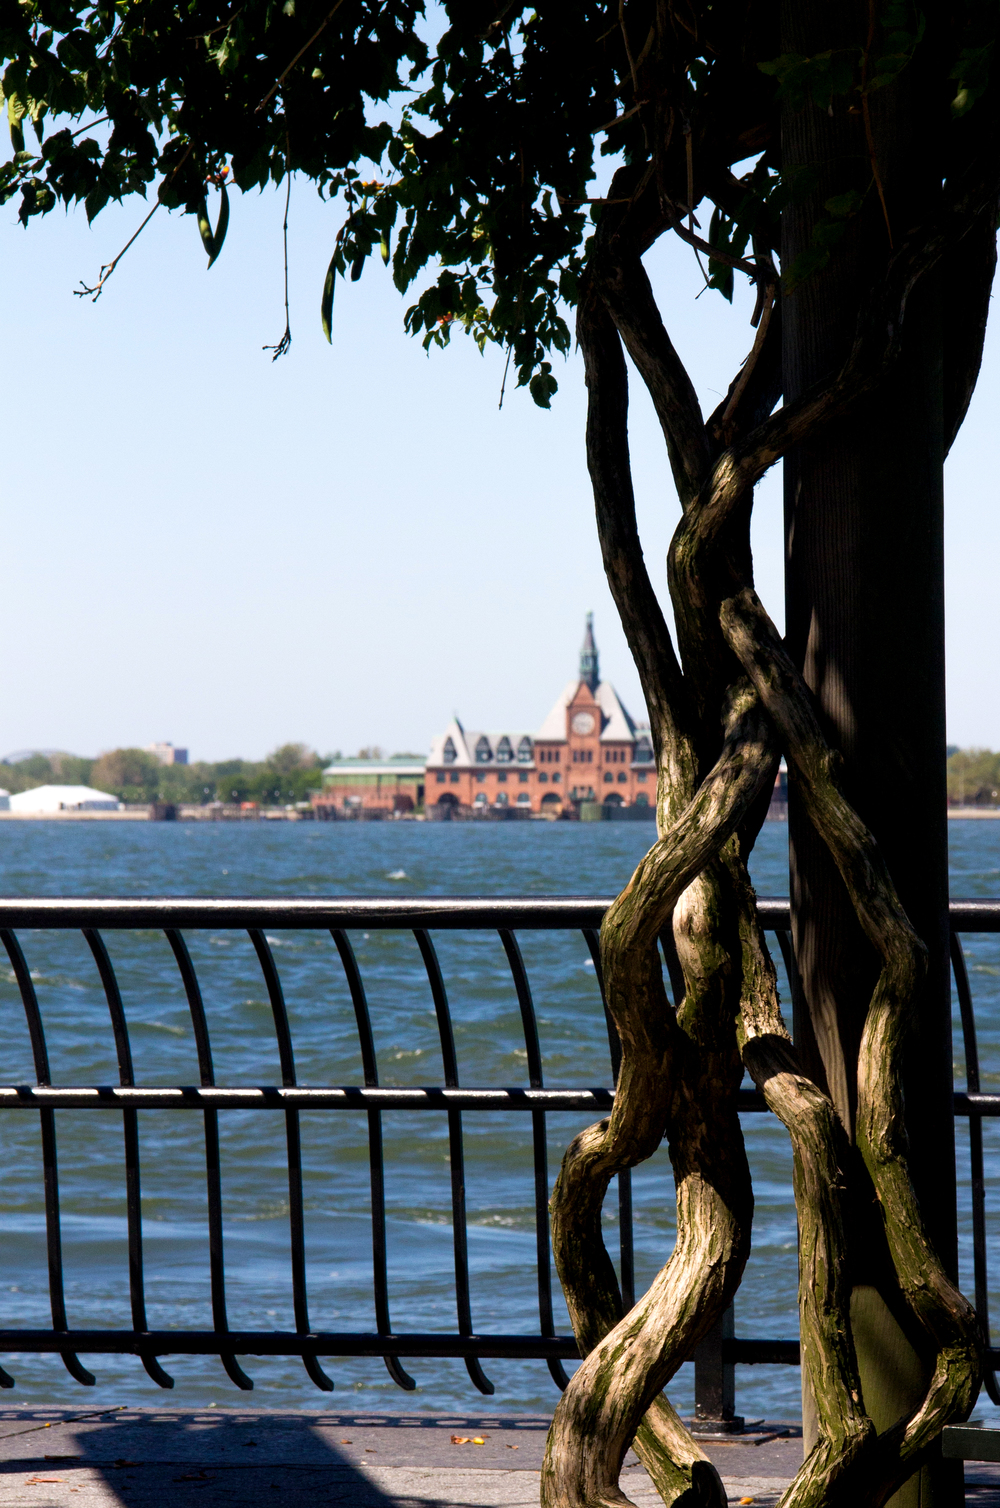 Along the Hudson